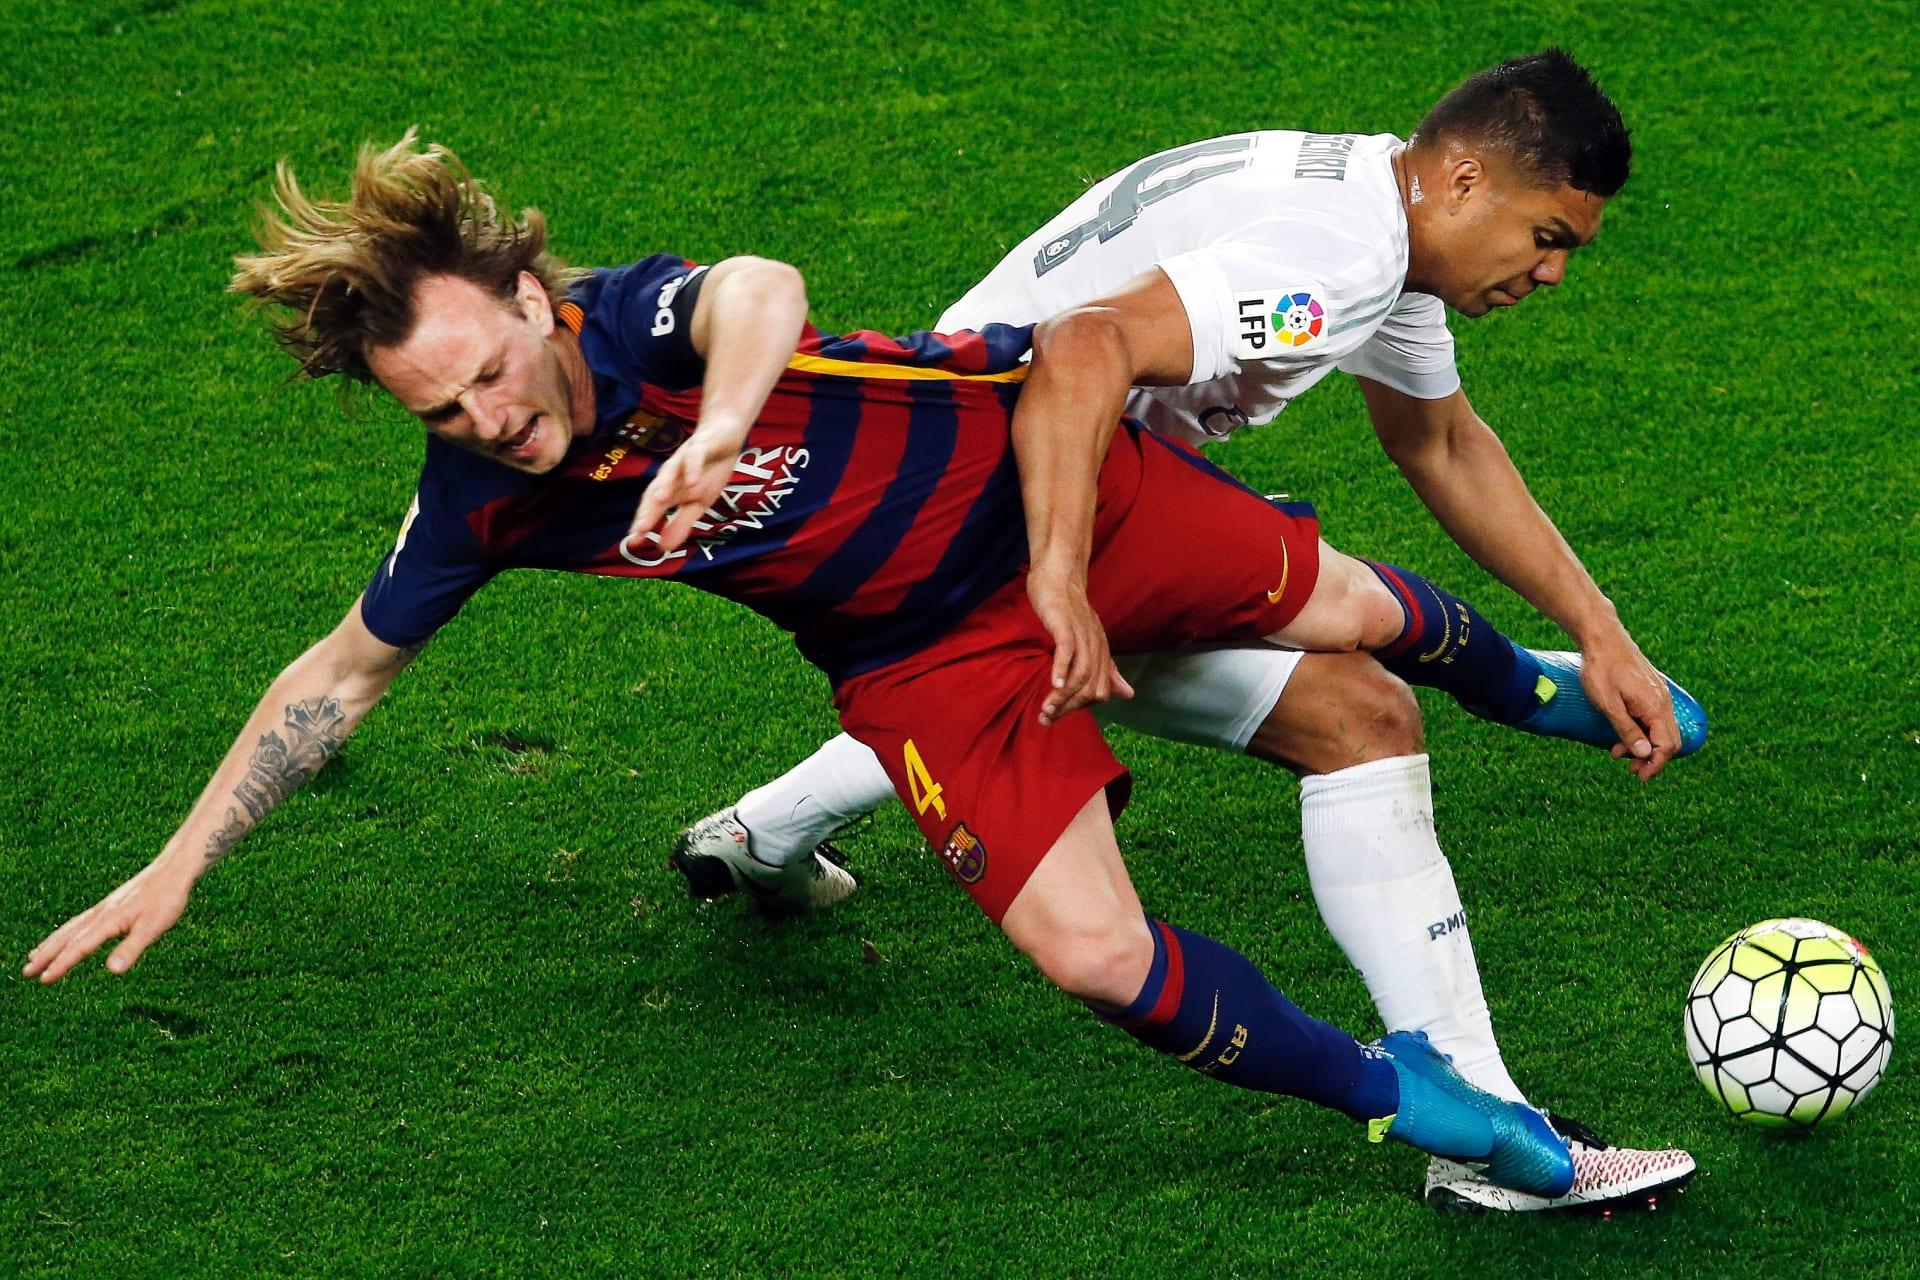 الليغا محتارة بين برشلونة وريال مدريد في الجولة الأخيرة